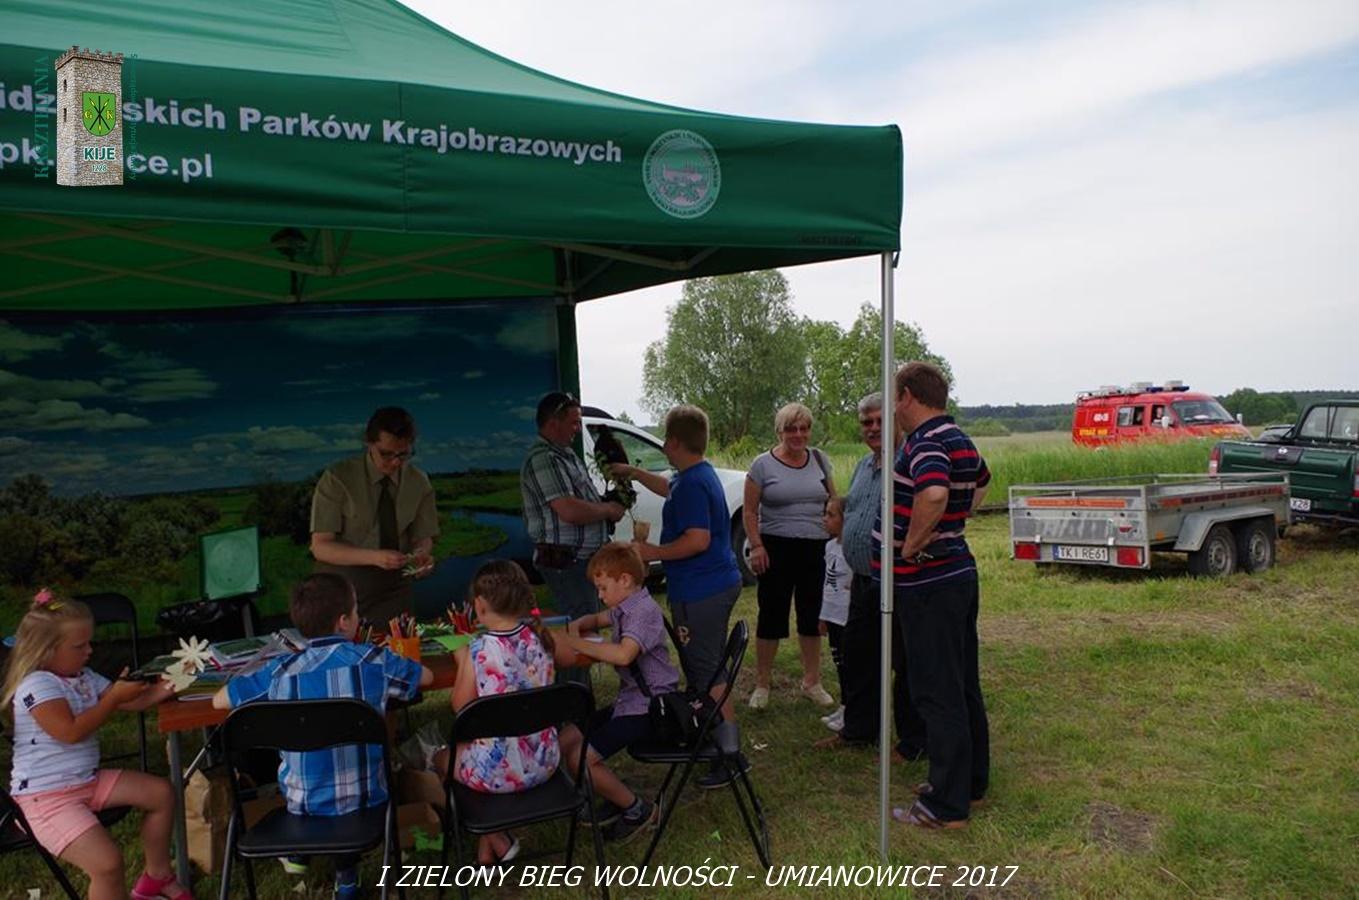 images/galleries/imprezy/2017/bieg_wolnosci/foto_kasztelania/IMGP0924 (Copy)